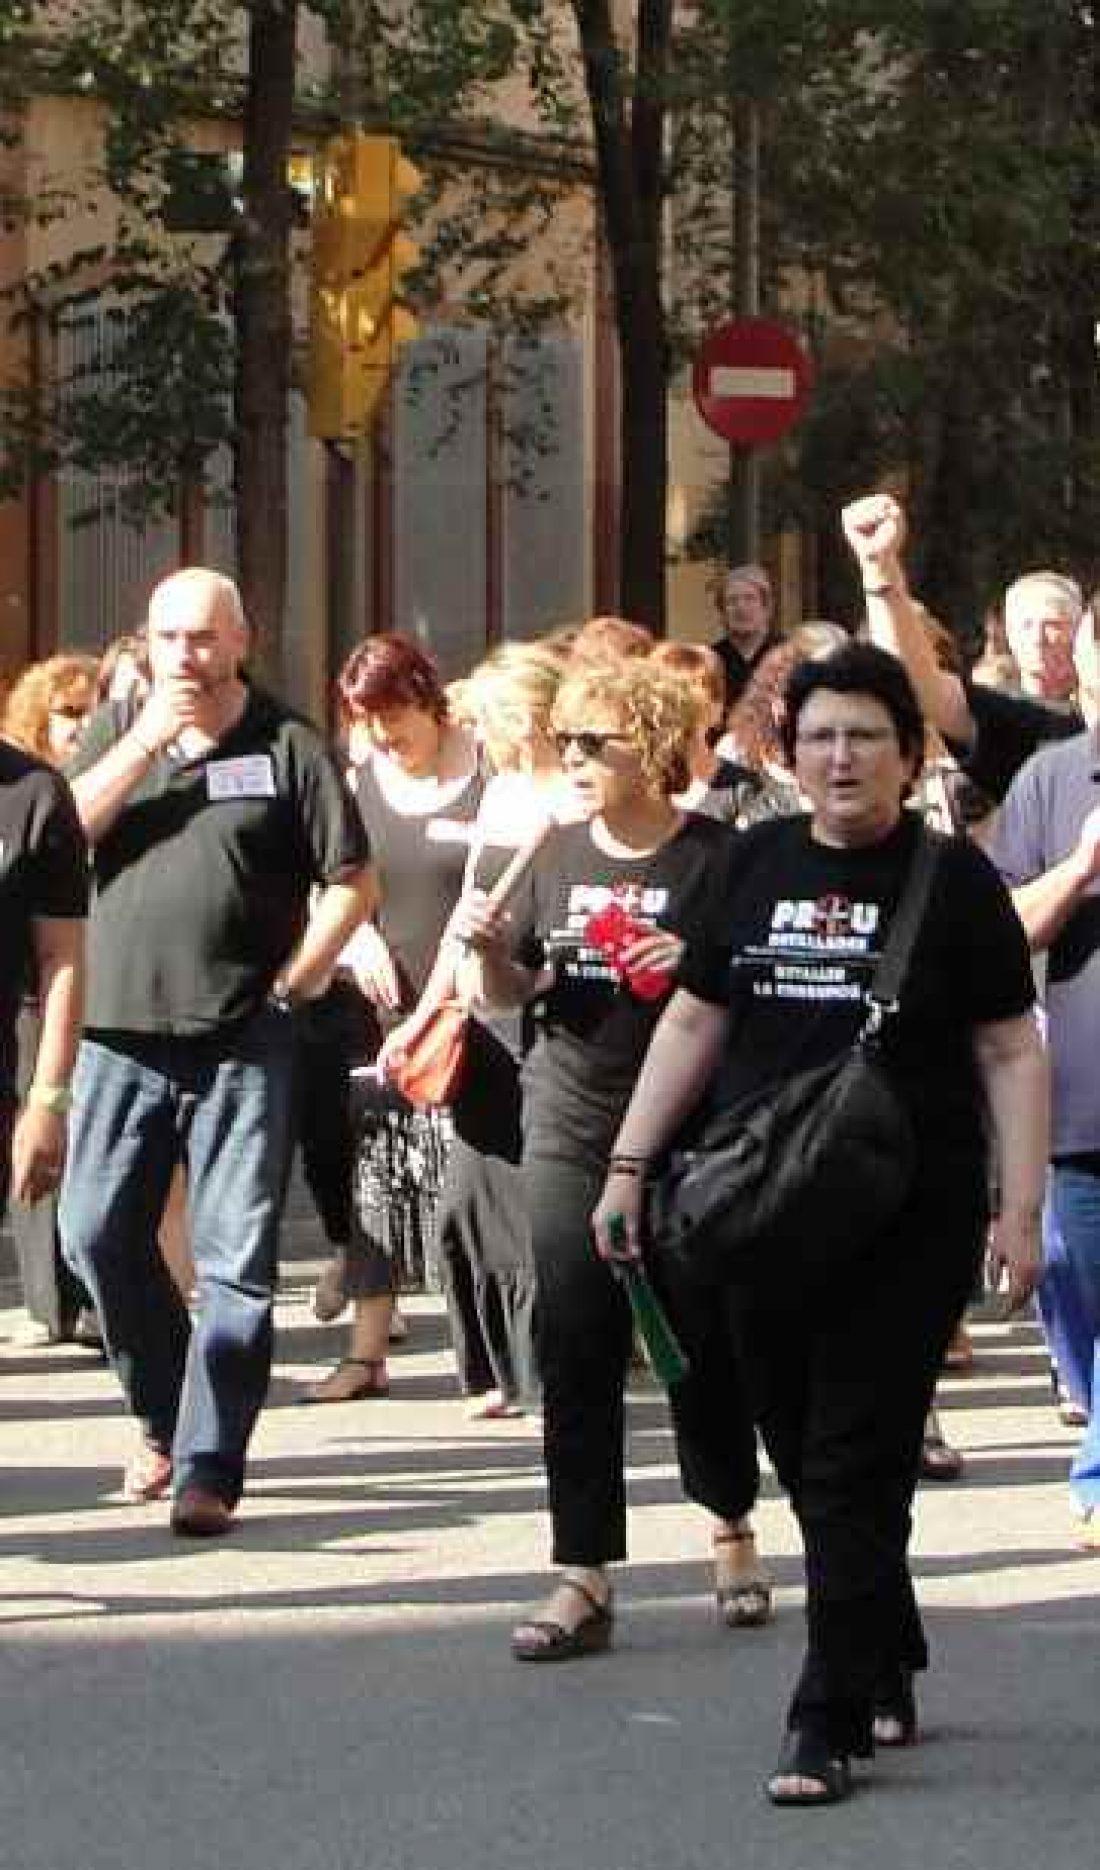 Realizados cortes de tráfico y concentraciones el  viernes 7 de septiembre en diversos lugares  de  Barcelona y l´Hospitalet.